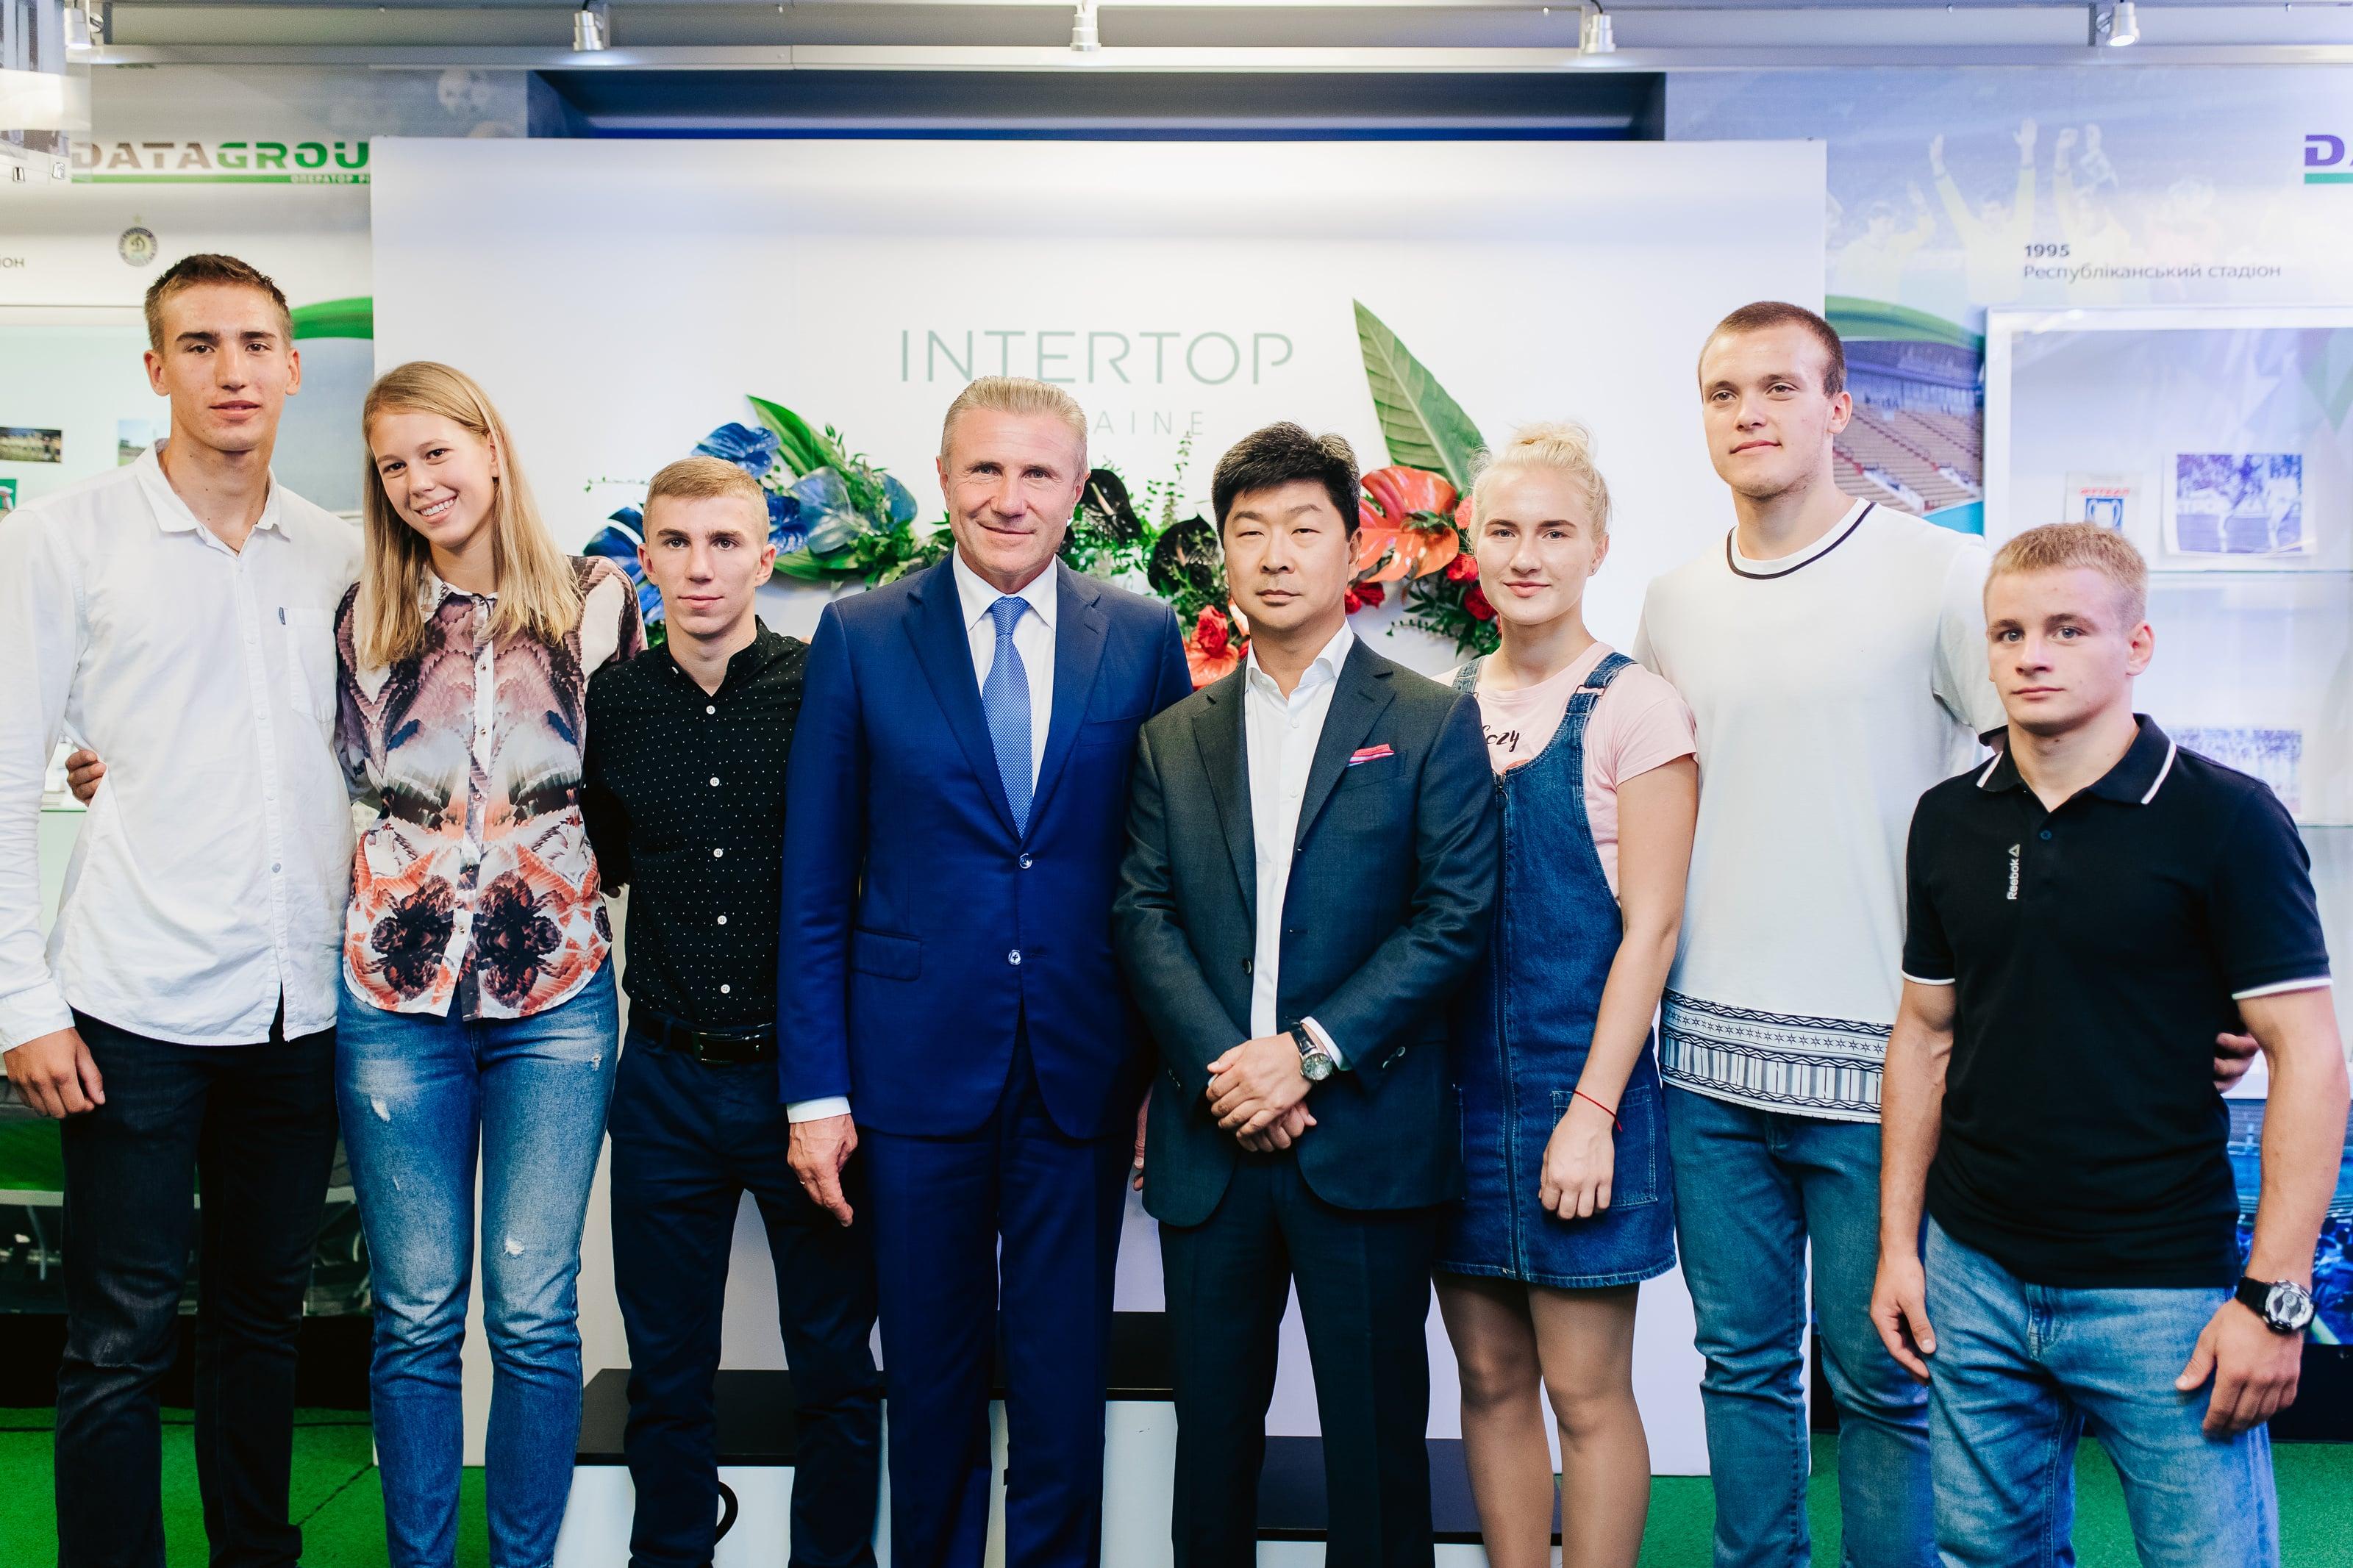 INTERTOP и Национальный олимпийский комитет Украины объявили о сотрудничестве-320x180